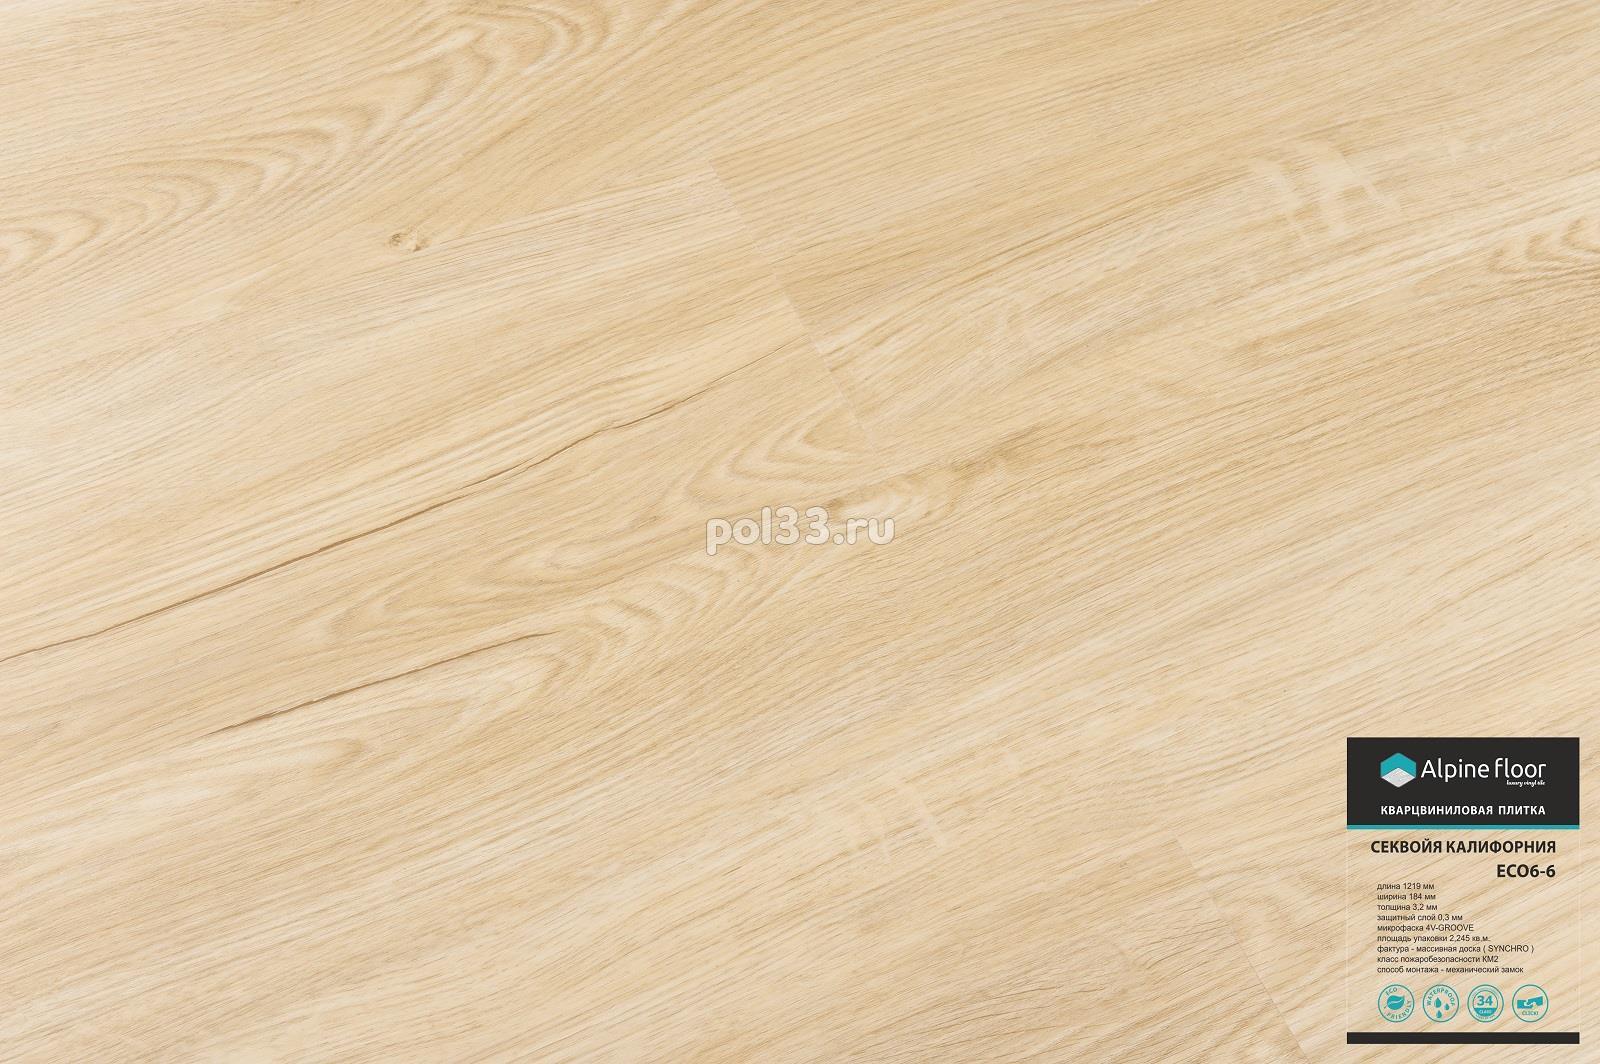 Виниловые полы AlpineFloor коллекция Sequoia ECO6-6 California купить в Калуге по низкой цене